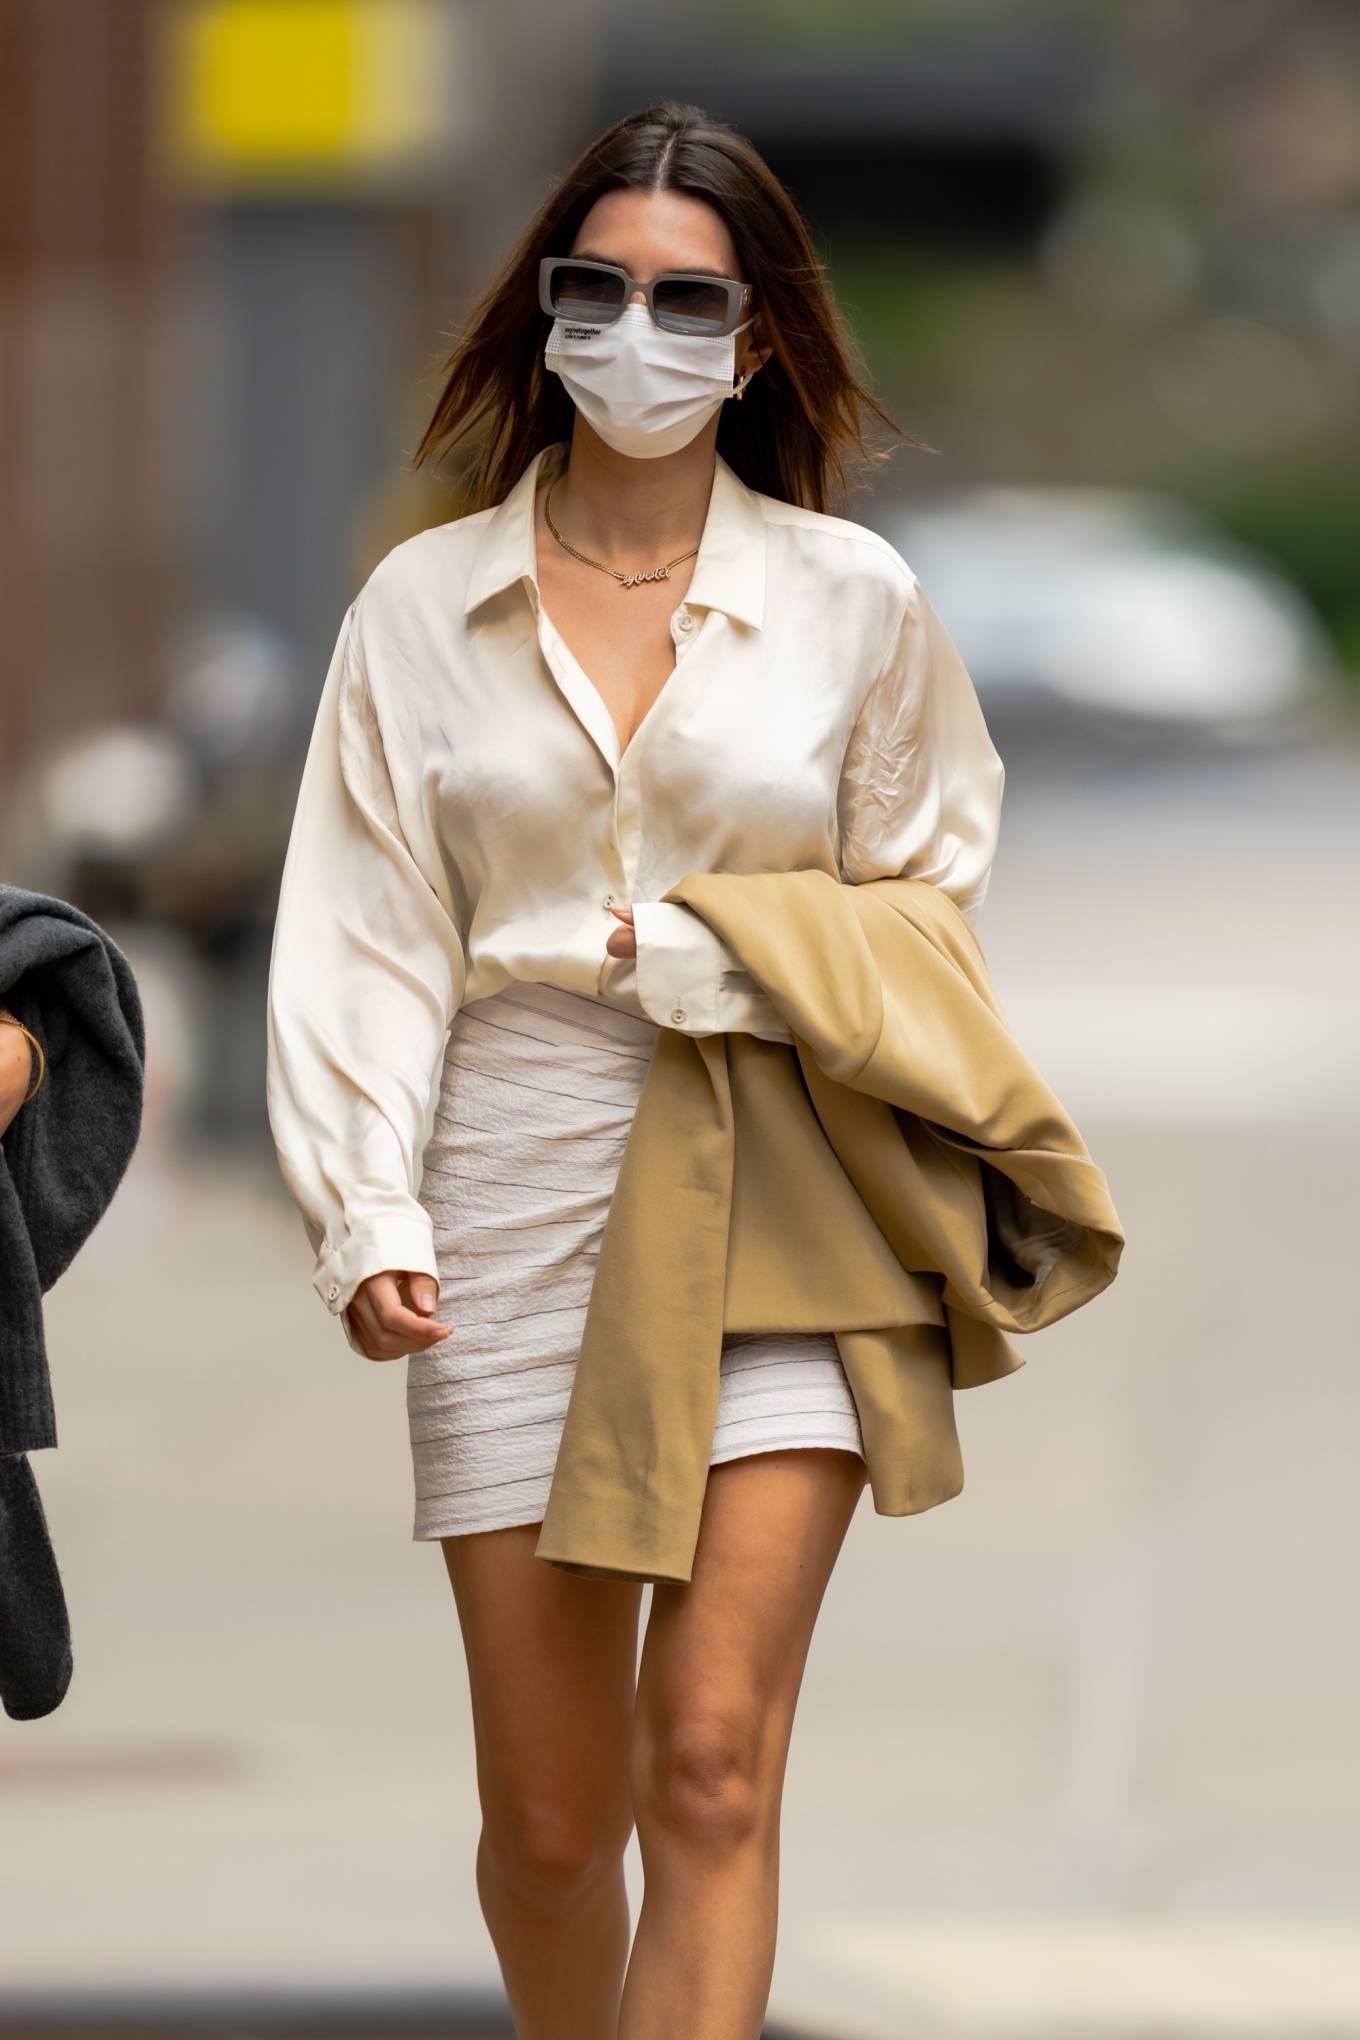 Emily Ratajkowski 2021 : Emily Ratajkowski – In white mini skirt out for a walk in New York-01